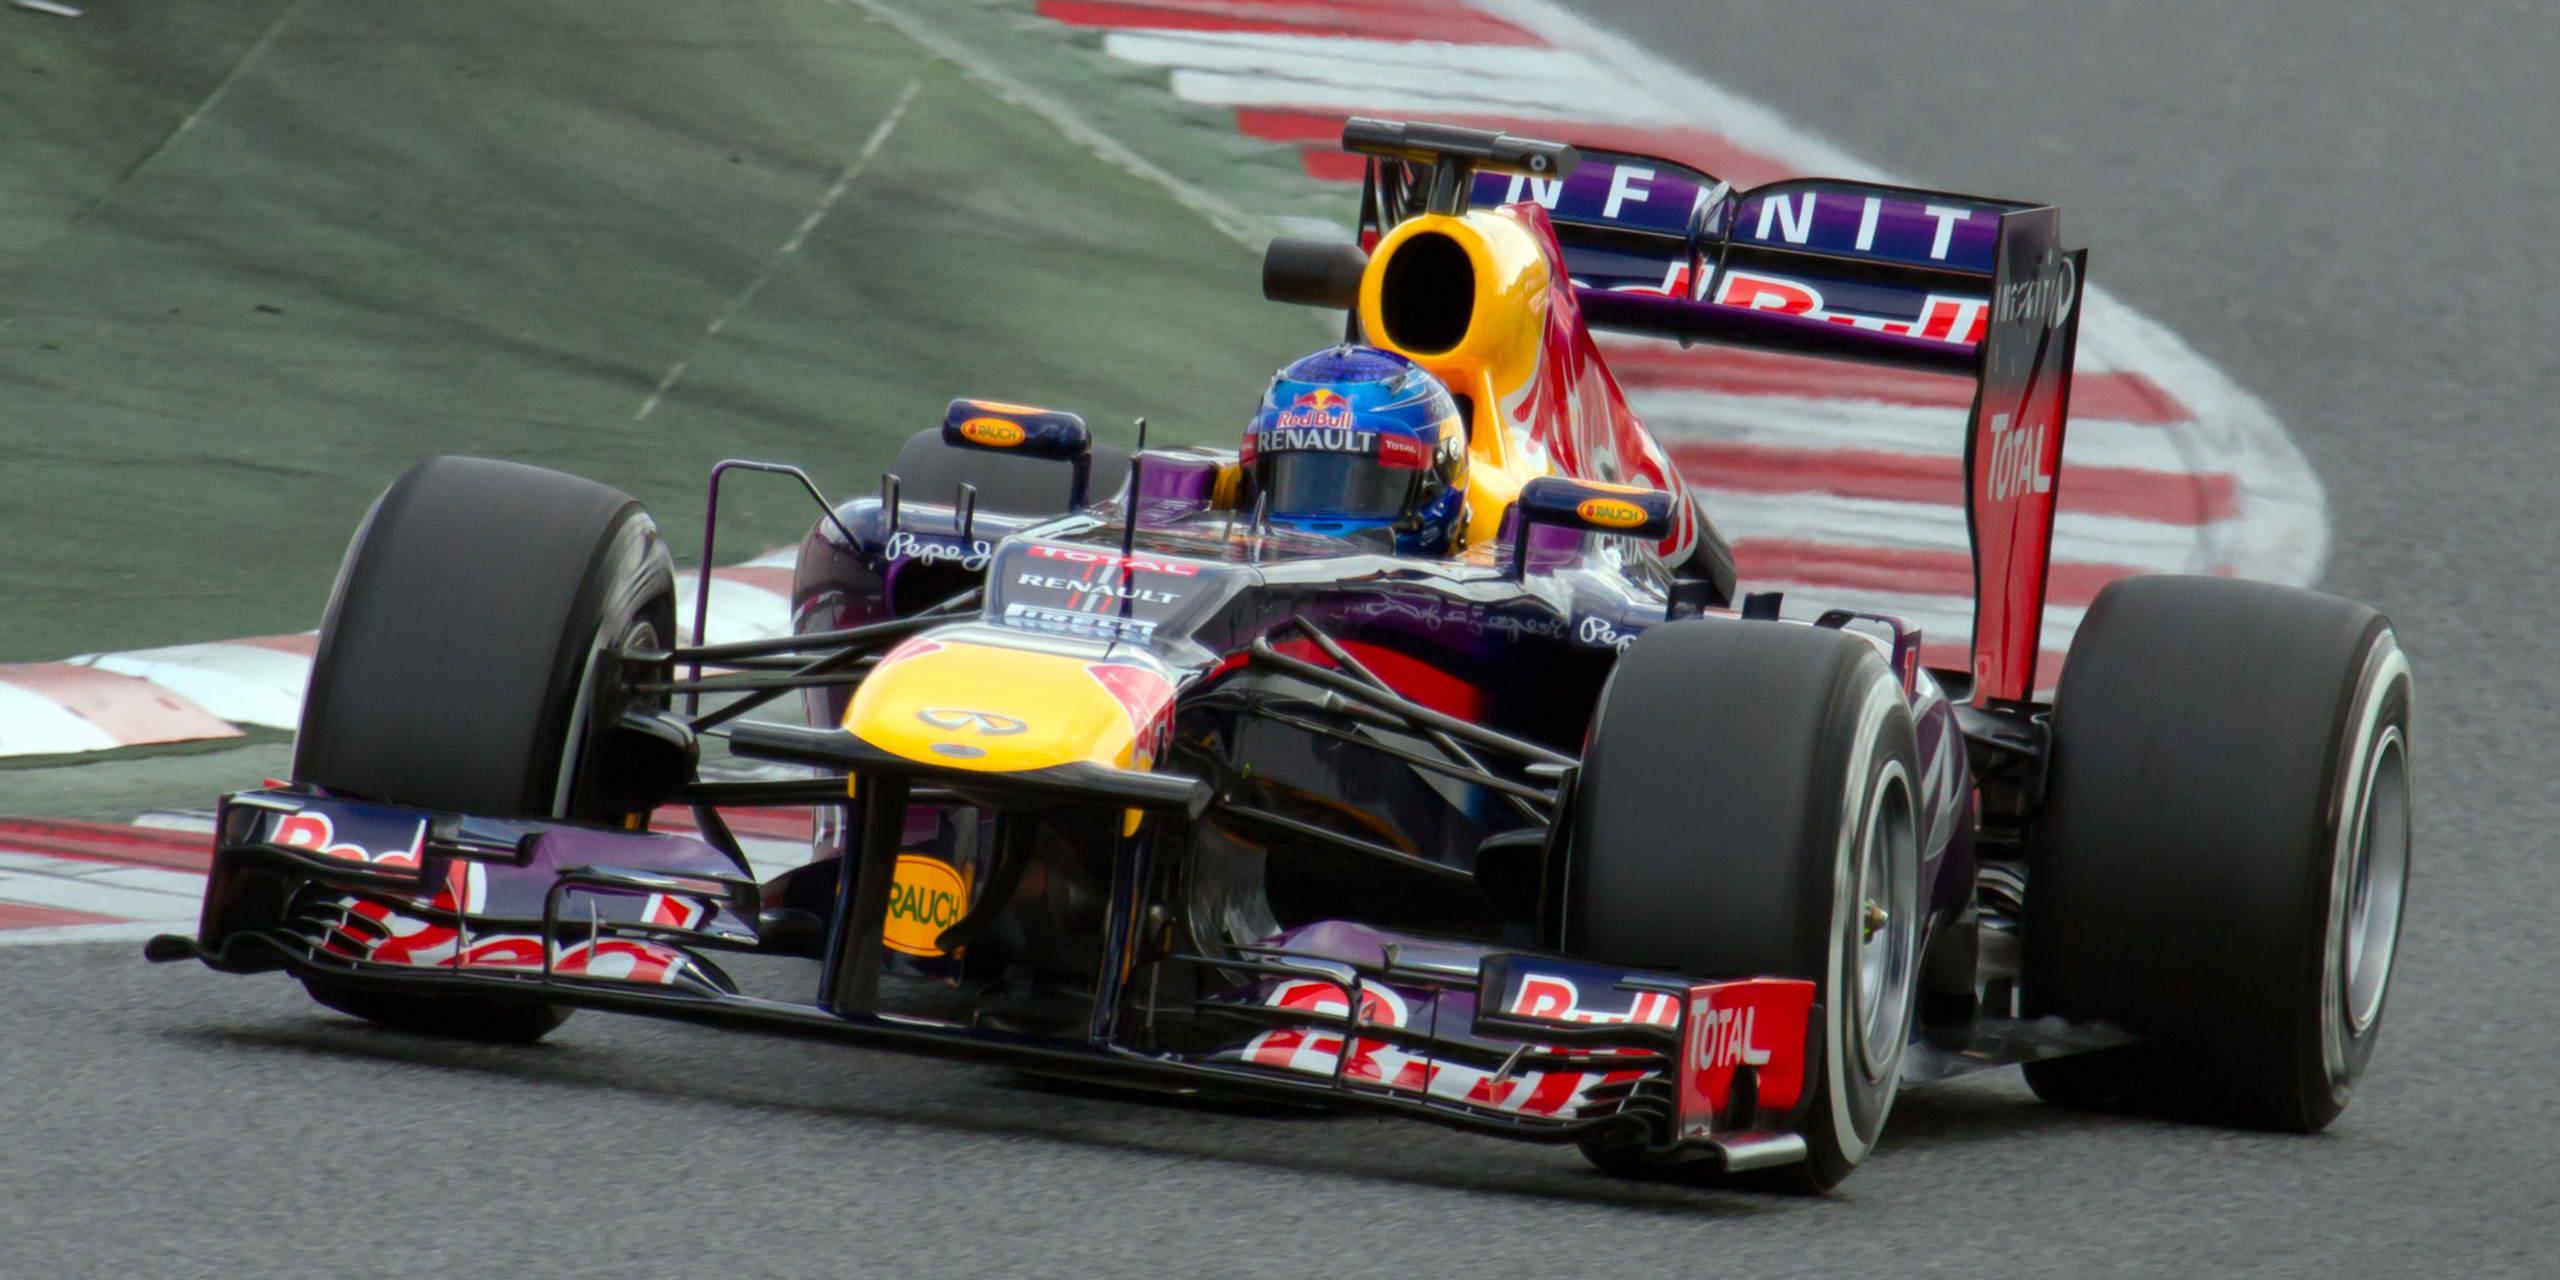 Sebastian_Vettel_2013_Catalonia_test_(19-22_Feb)_Day_1-2